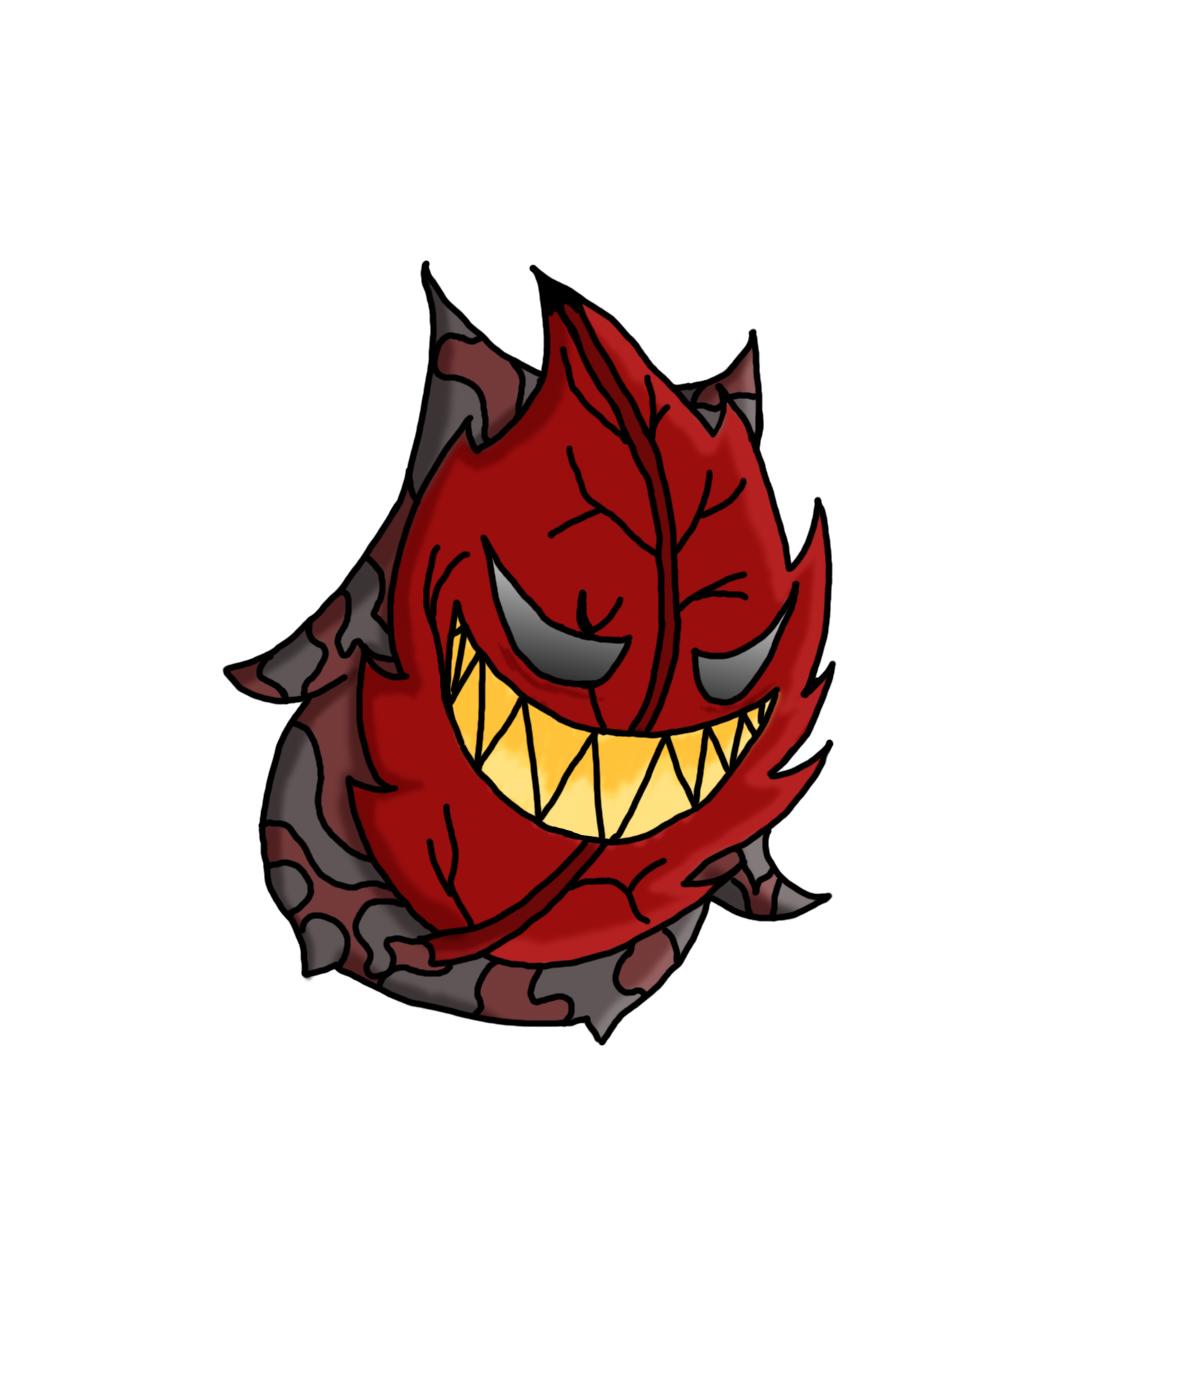 EvilForestSpirit